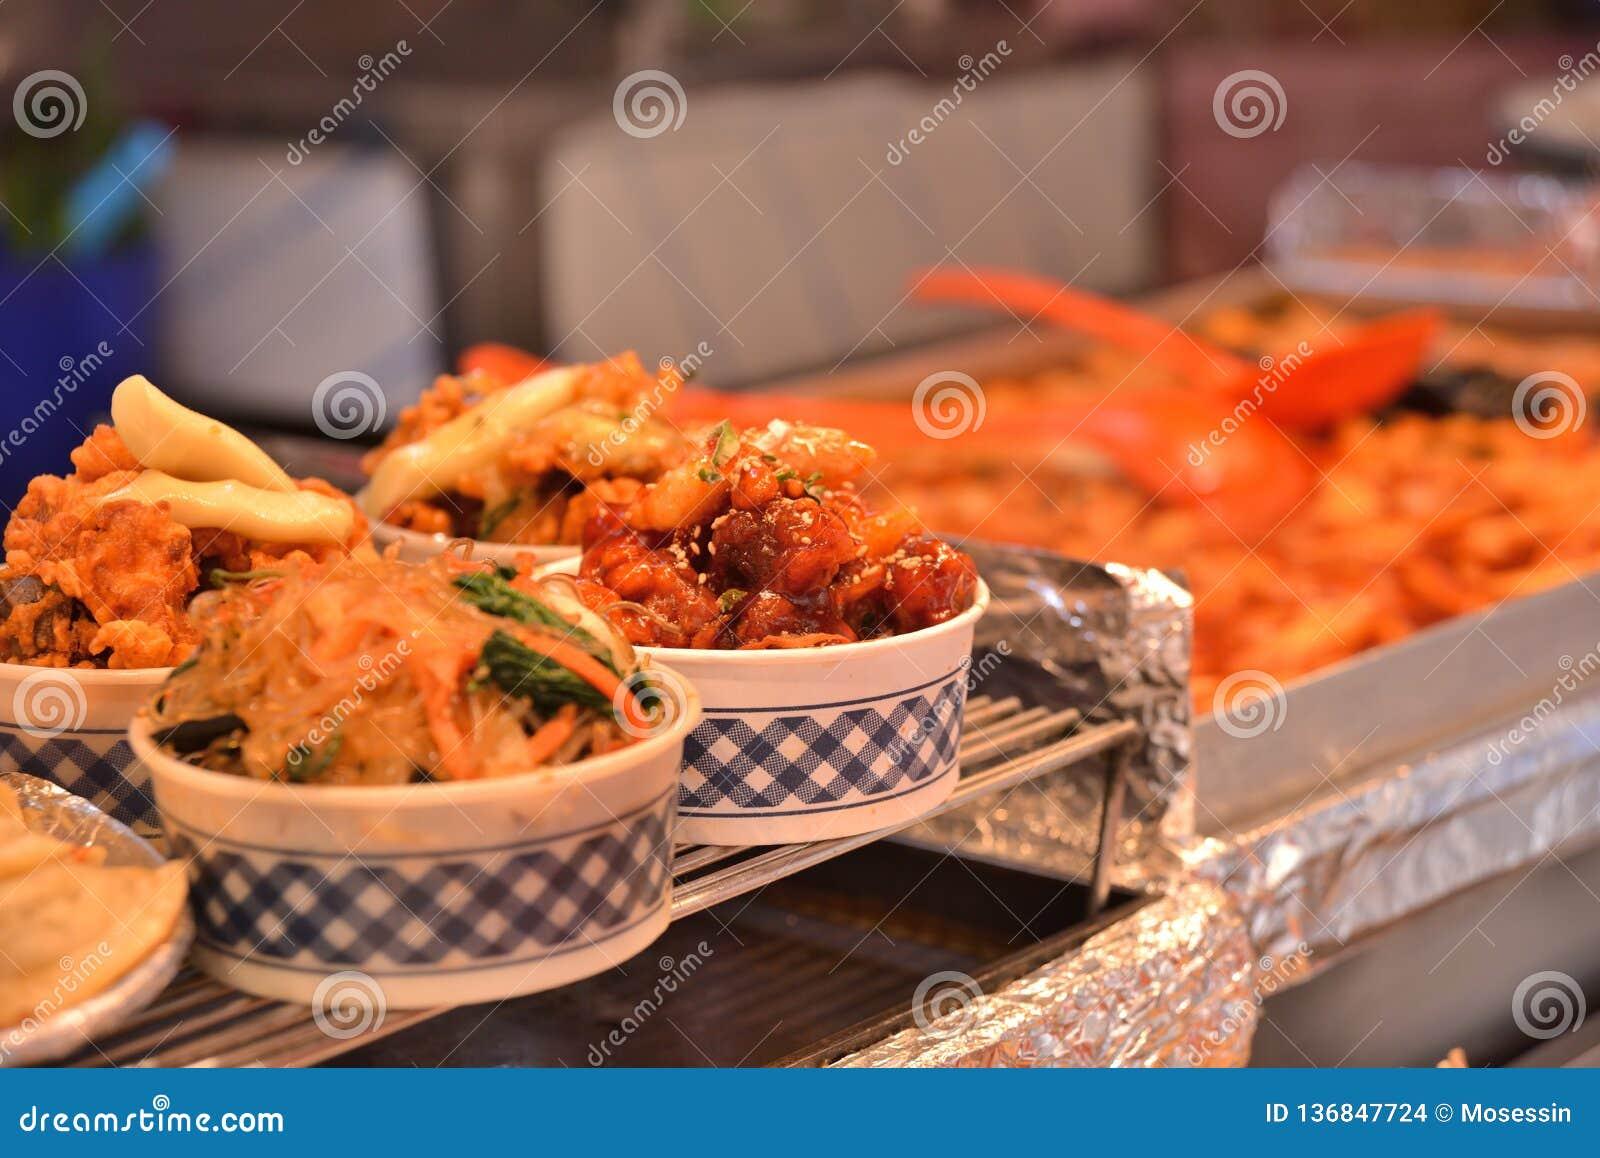 Casse-croûte chauds de style coréen dans la cuvette